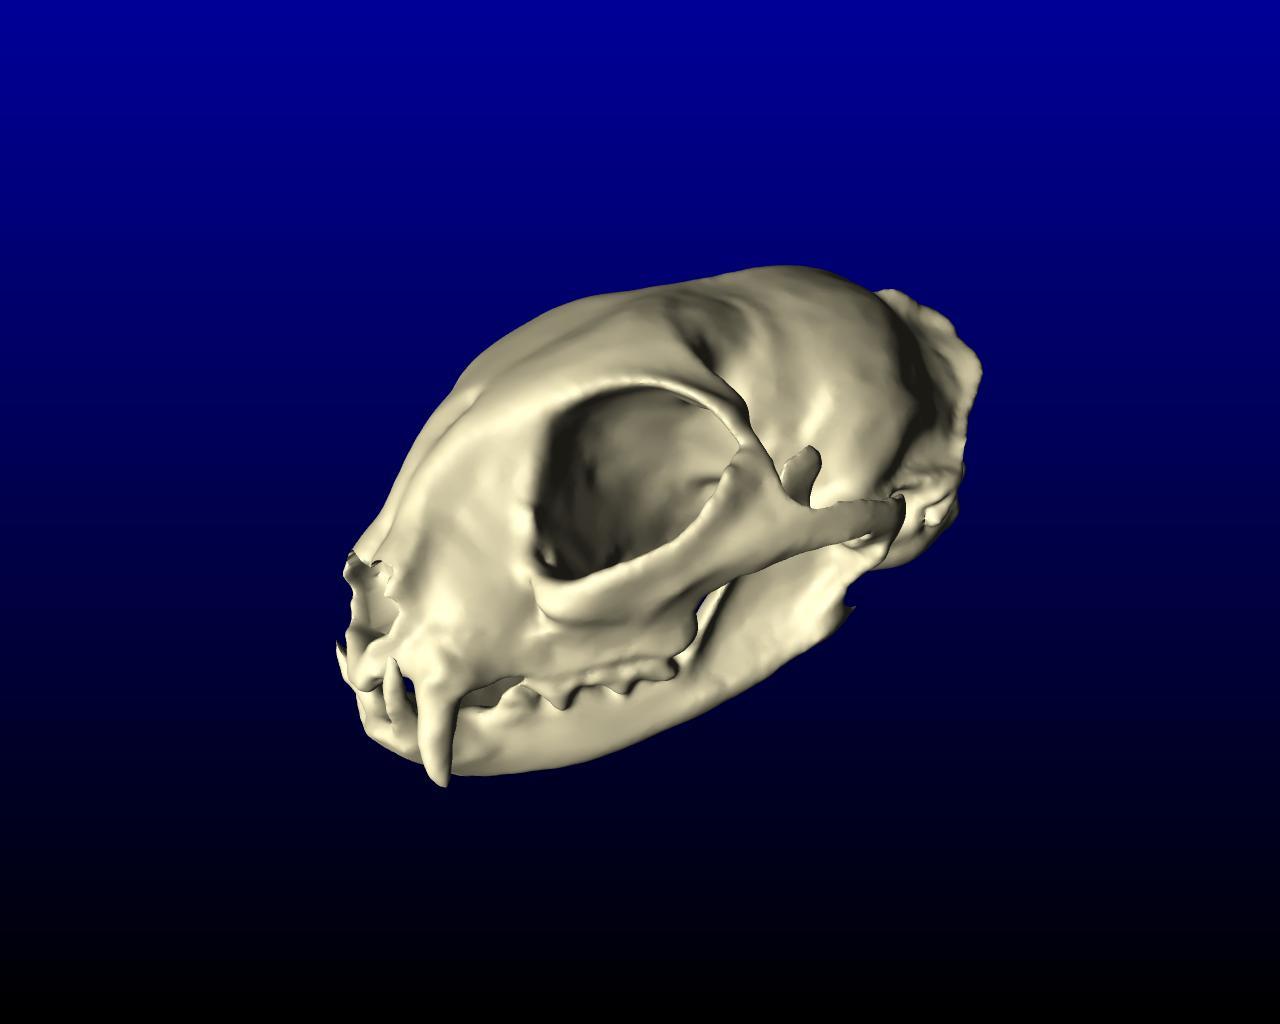 cat_skull_001.jpg